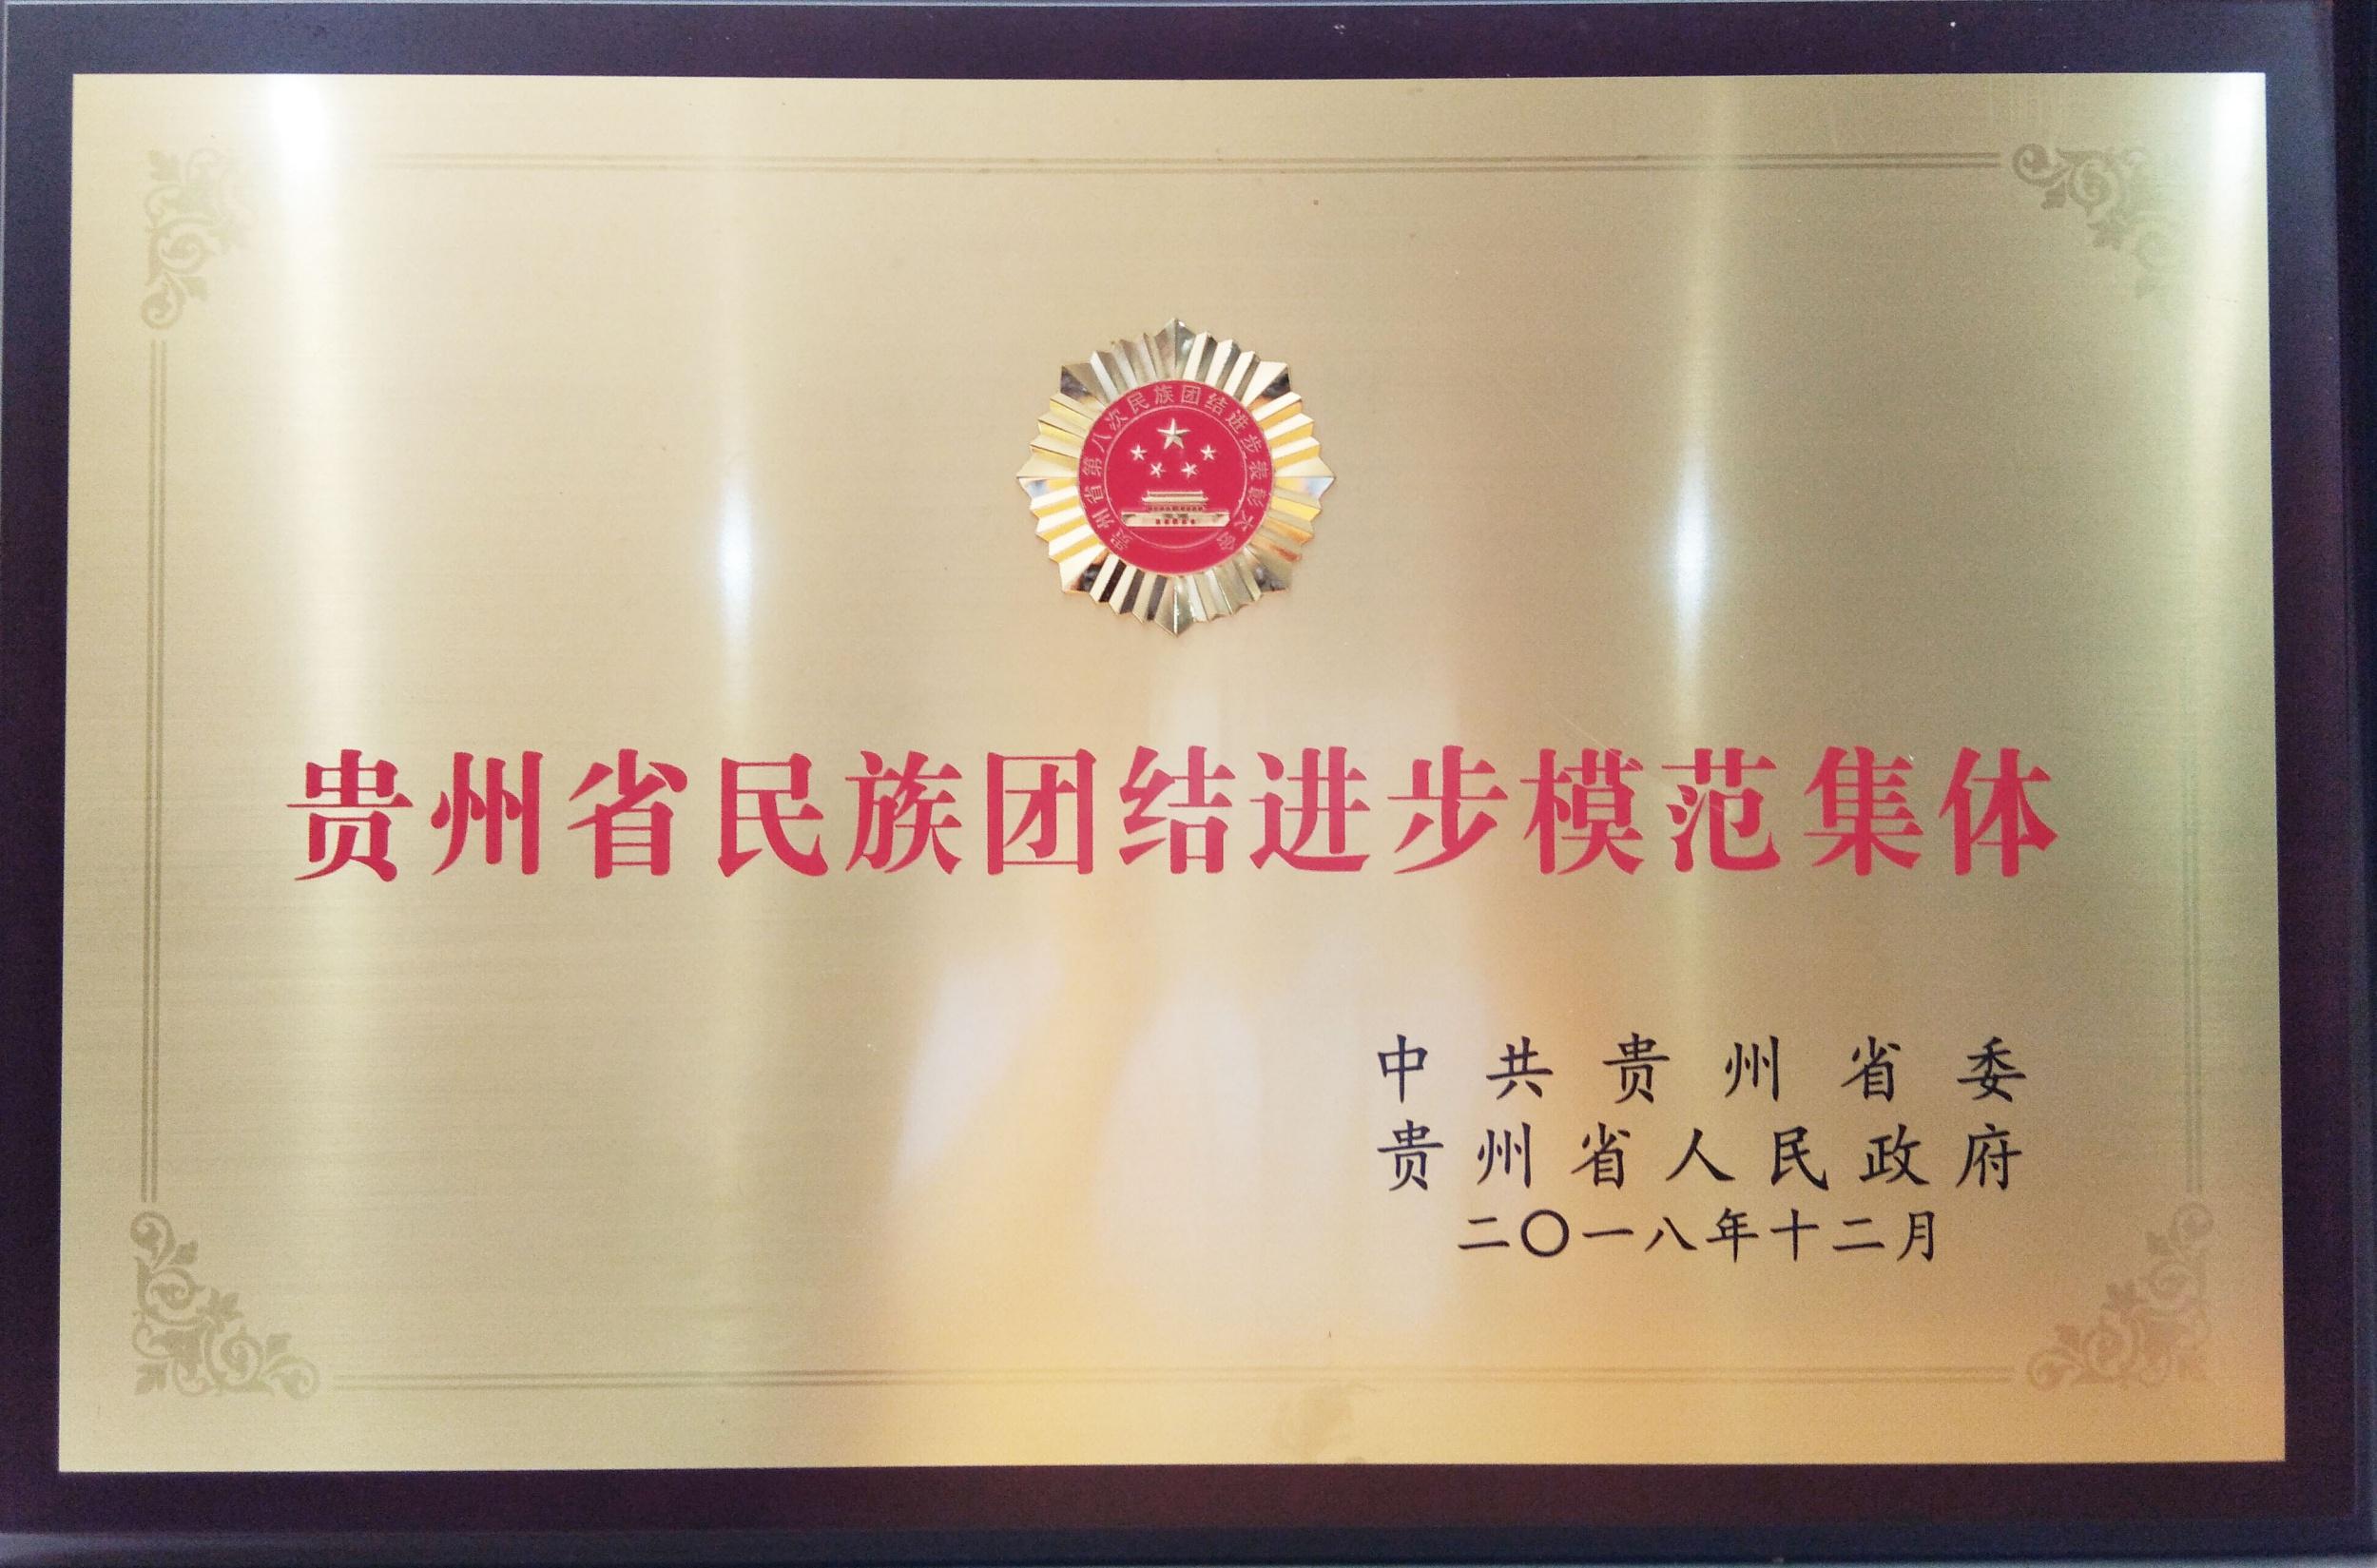 近几年学校所获荣誉